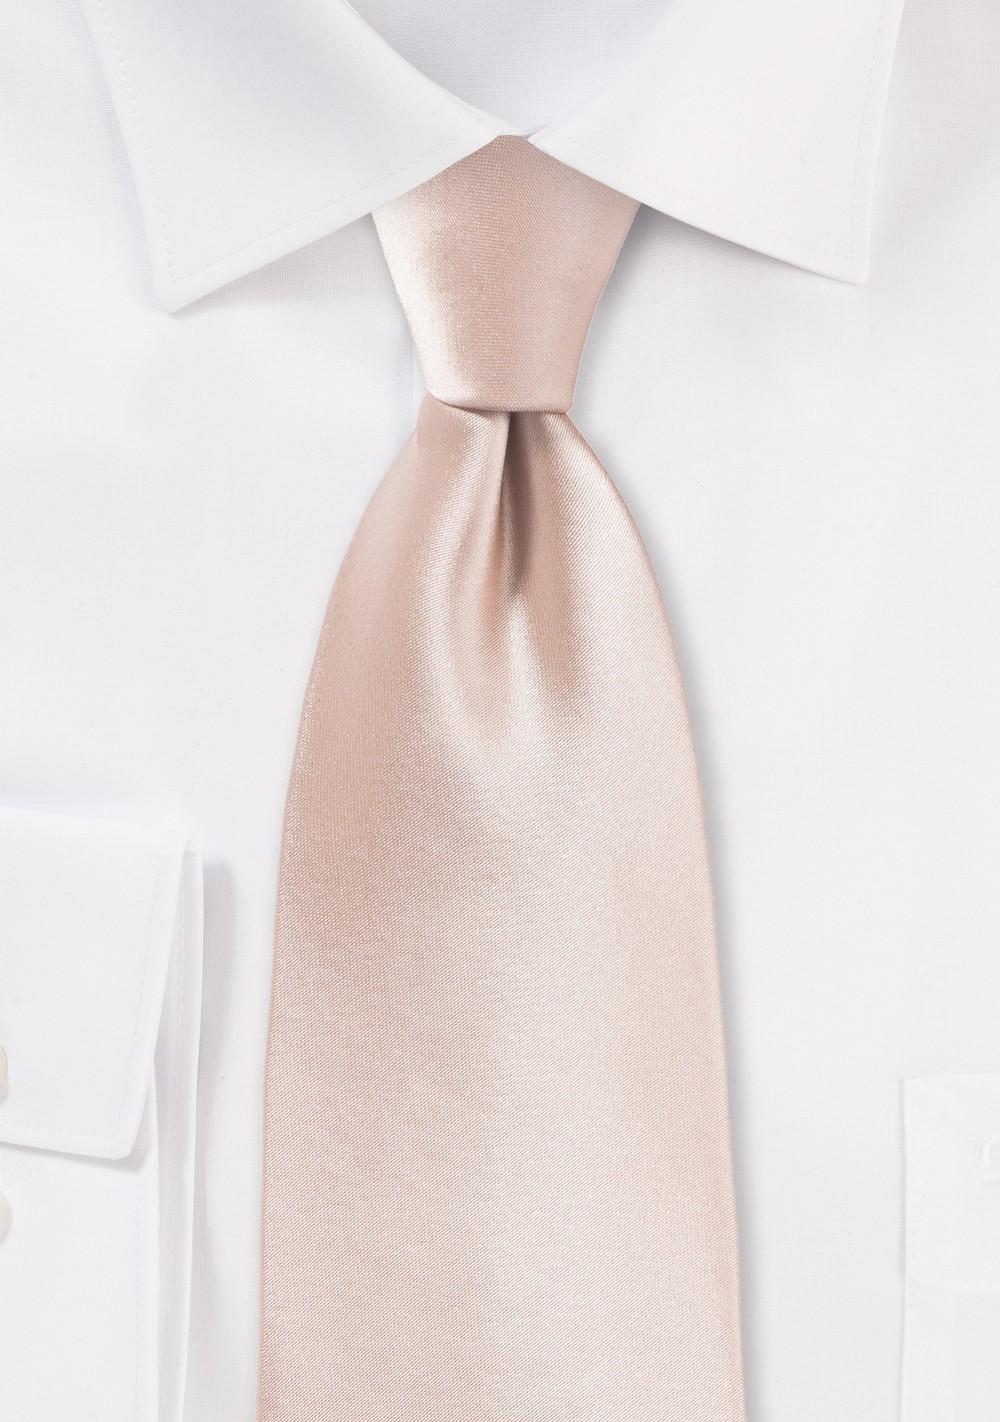 Solid Necktie in Antique Blush